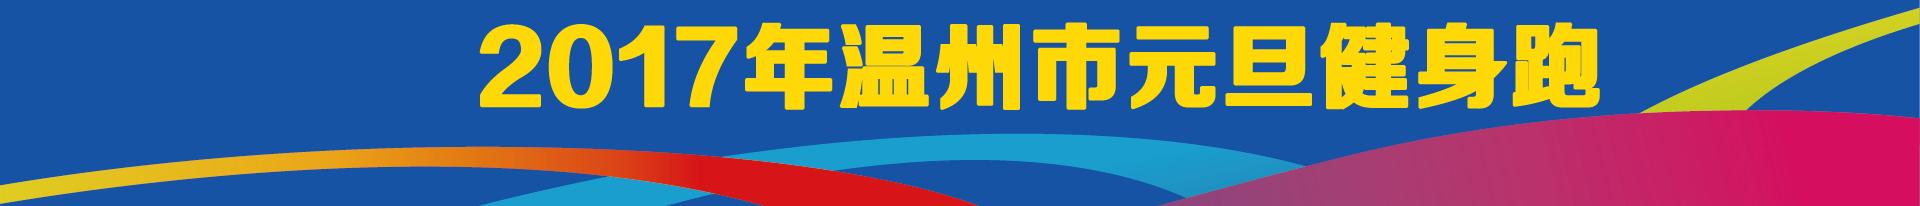 2017年温州市元旦健身跑